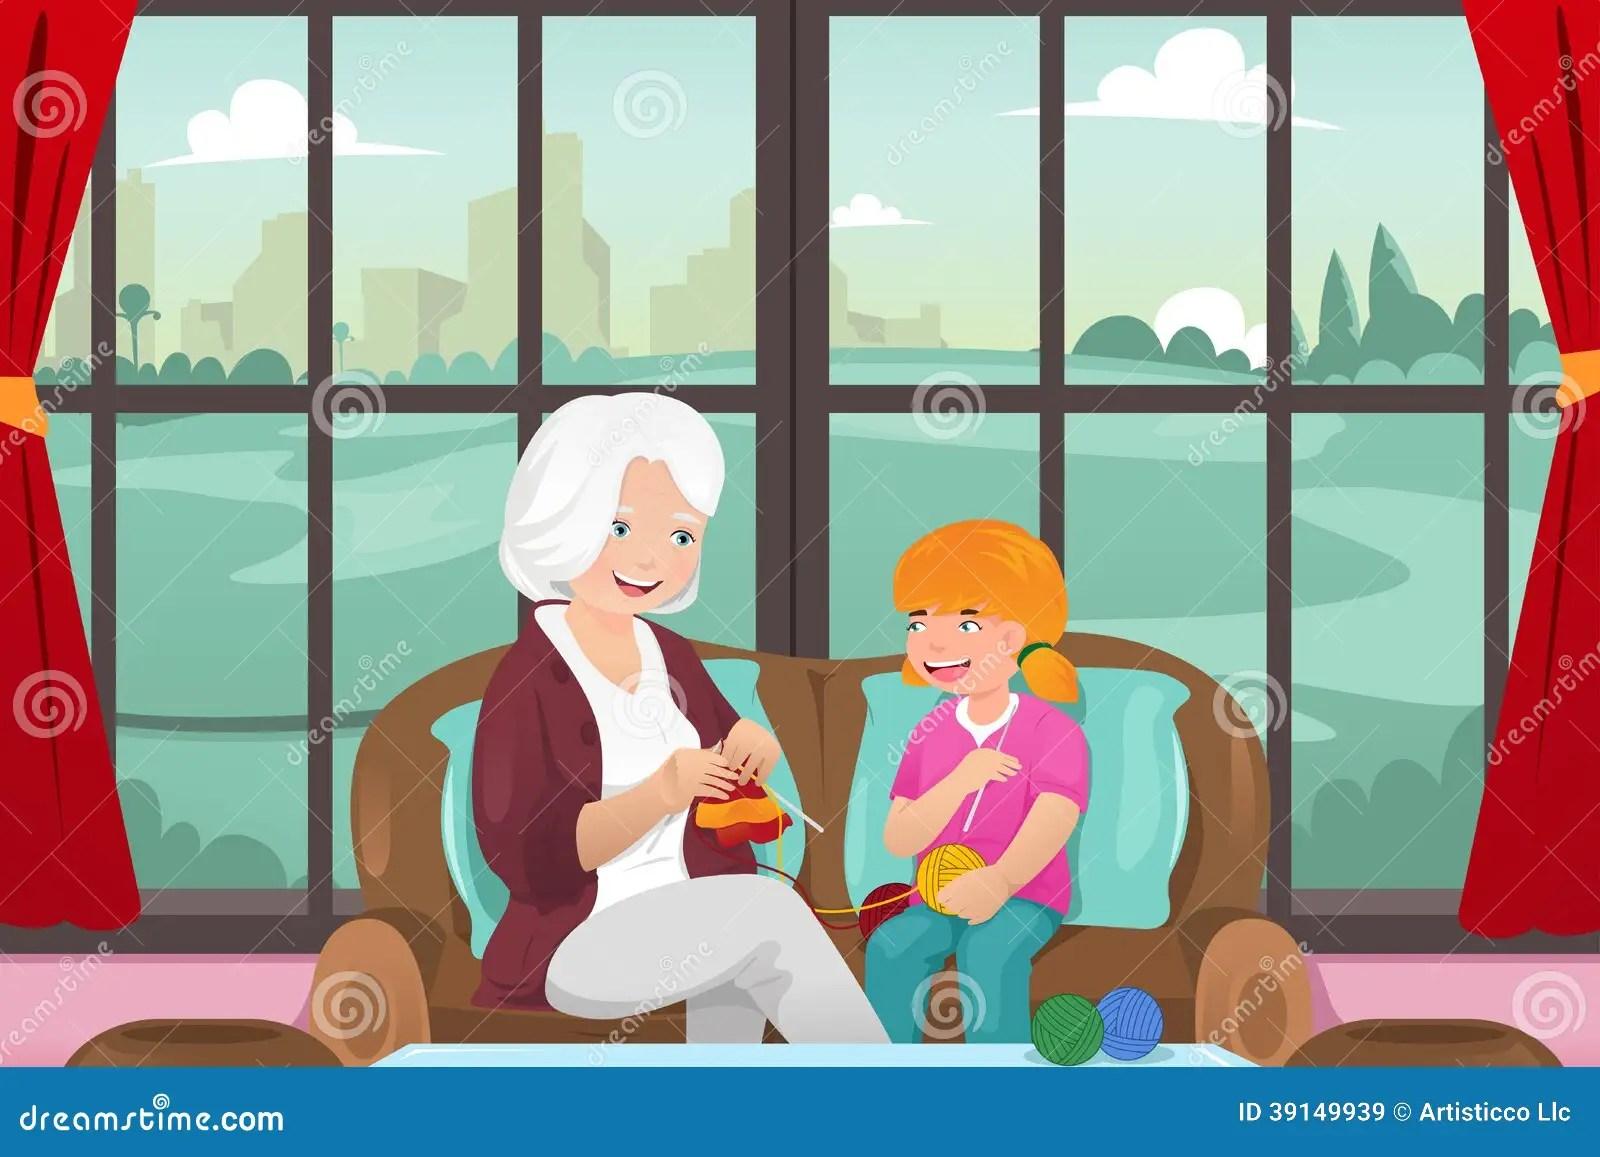 Grandma Teaching Her Granddaughter Knitting Stock Vector